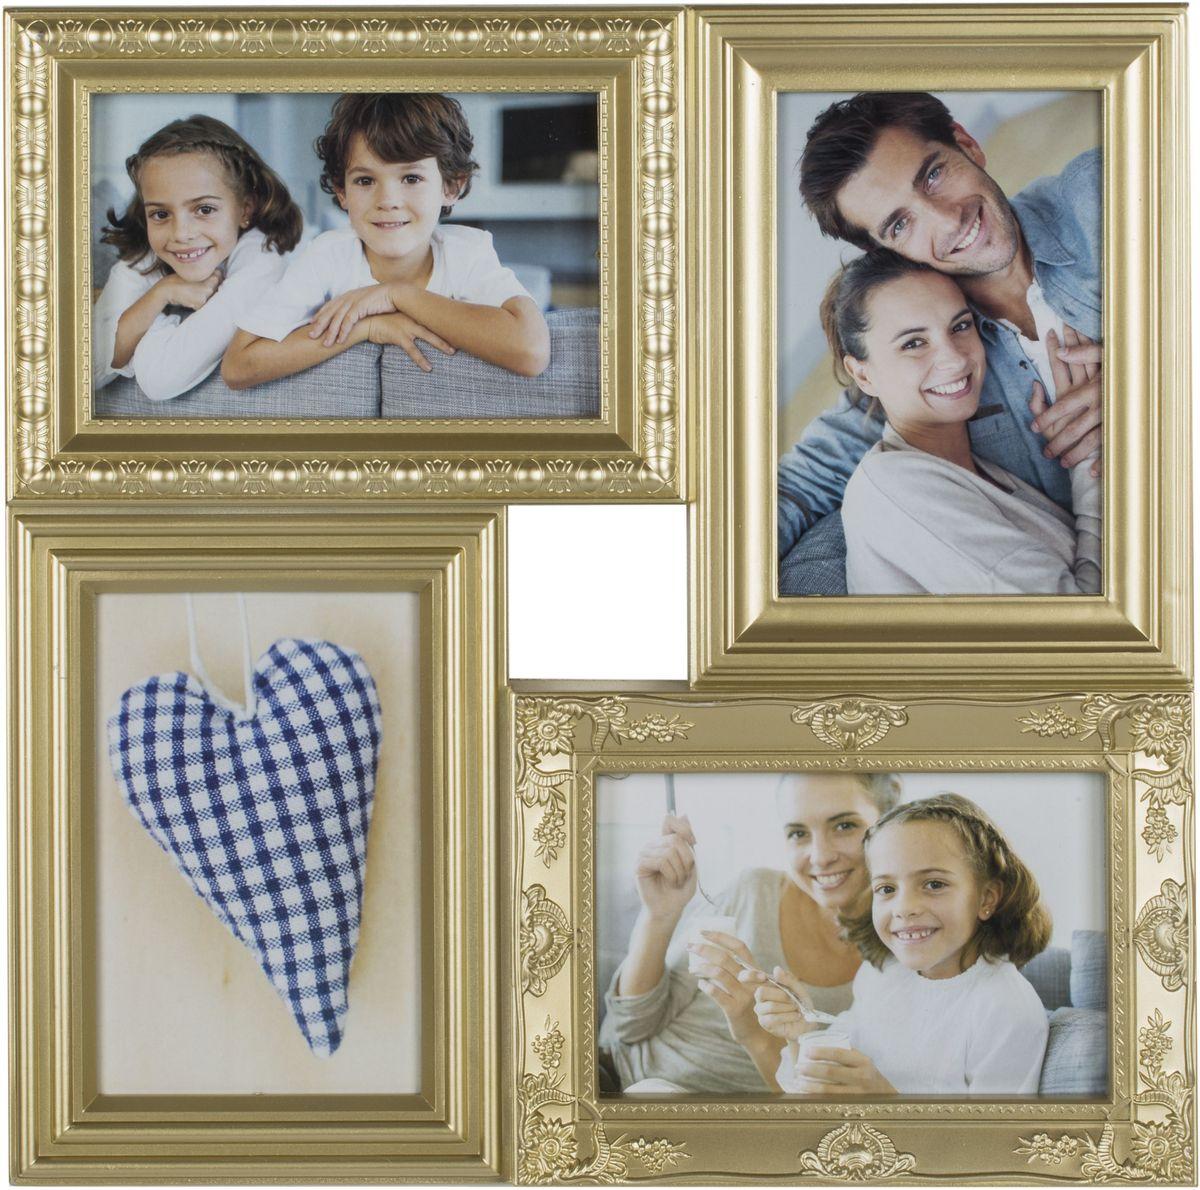 Фоторамка Platinum, цвет: шампань, на 4 фото 10 х 15 см. BIN-112181BIN-1122552-White-БелыйФоторамка Platinum - прекрасный способ красиво оформить ваши фотографии. Фоторамка выполнена из пластика и защищена стеклом. Фоторамка-коллаж представляет собой четыре фоторамки для фото одного размера оригинально соединенных между собой. Такая фоторамка поможет сохранить в памяти самые яркие моменты вашей жизни, а стильный дизайн сделает ее прекрасным дополнением интерьера комнаты. Фоторамка подходит для фотографий 10 х 15 см.Общий размер фоторамки: 33 х 33 см.